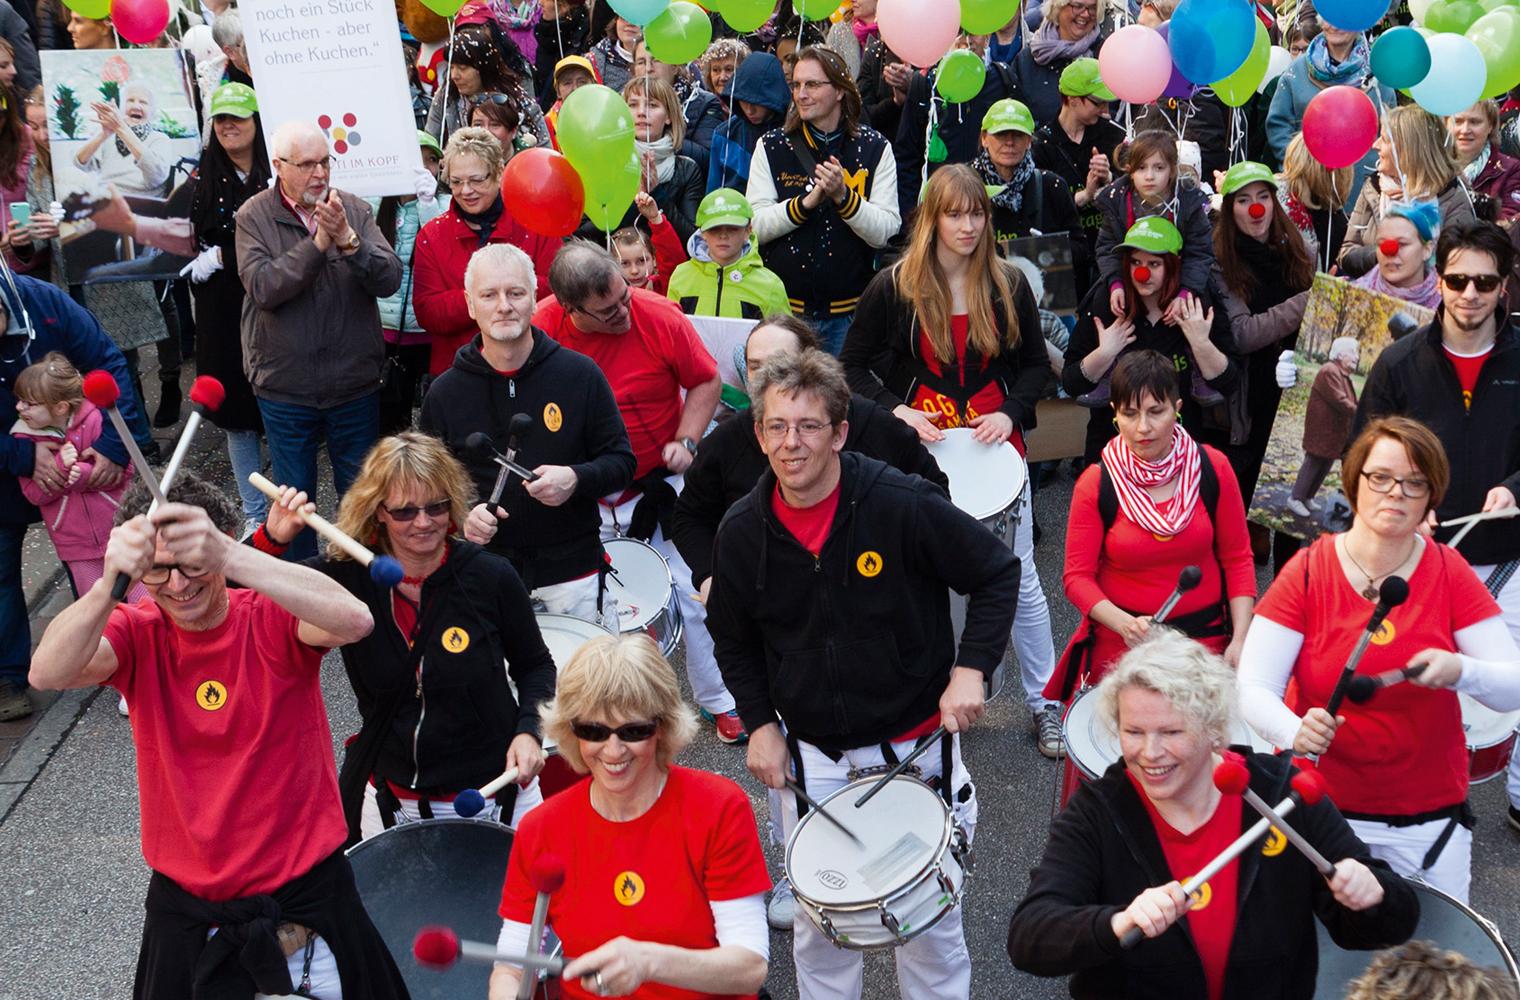 Gerhard Einsiedler: Auf einer Straße sind viele Menschen mit Trommeln, Luftballons und Transparenten unterwegs.